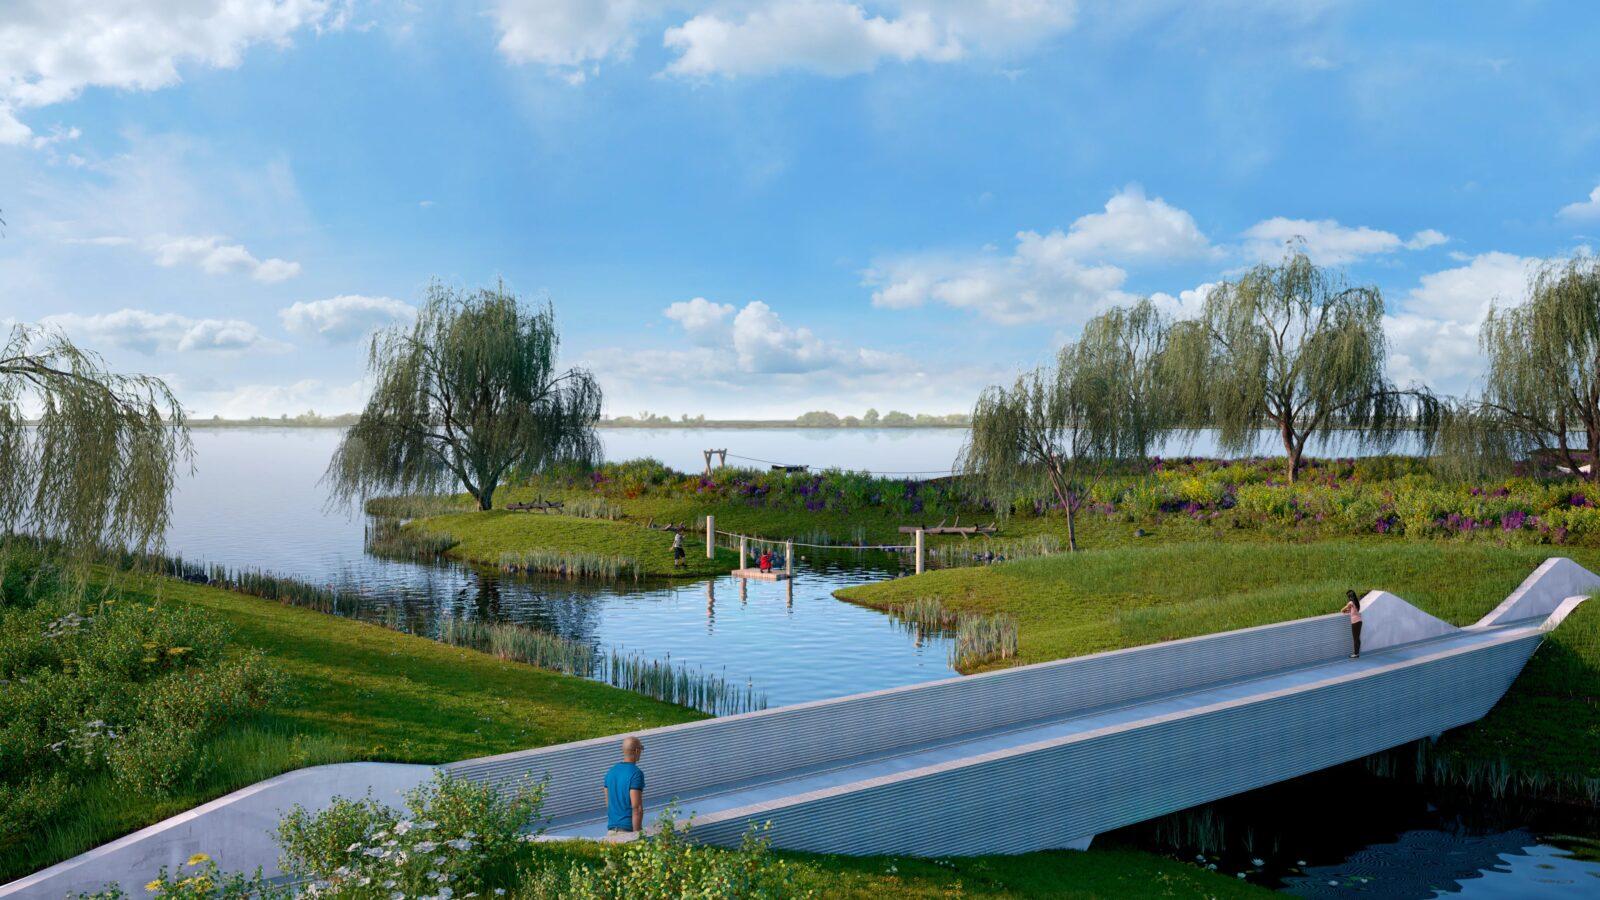 Volg de ontwikkeling van Park Meerstad